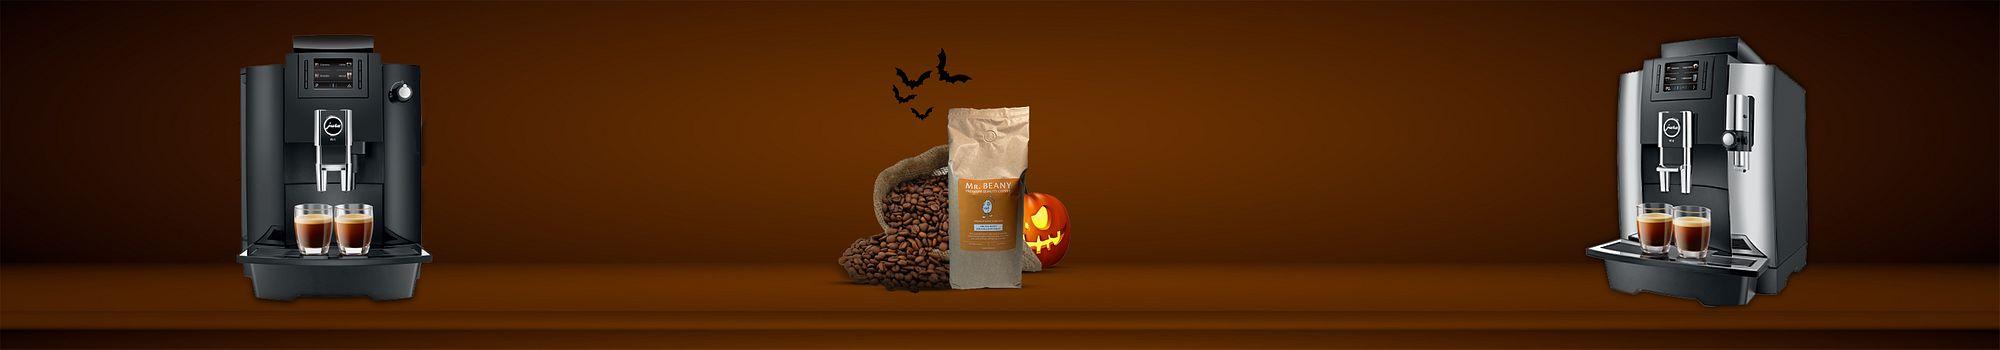 koffie kopen bij Dranken.be